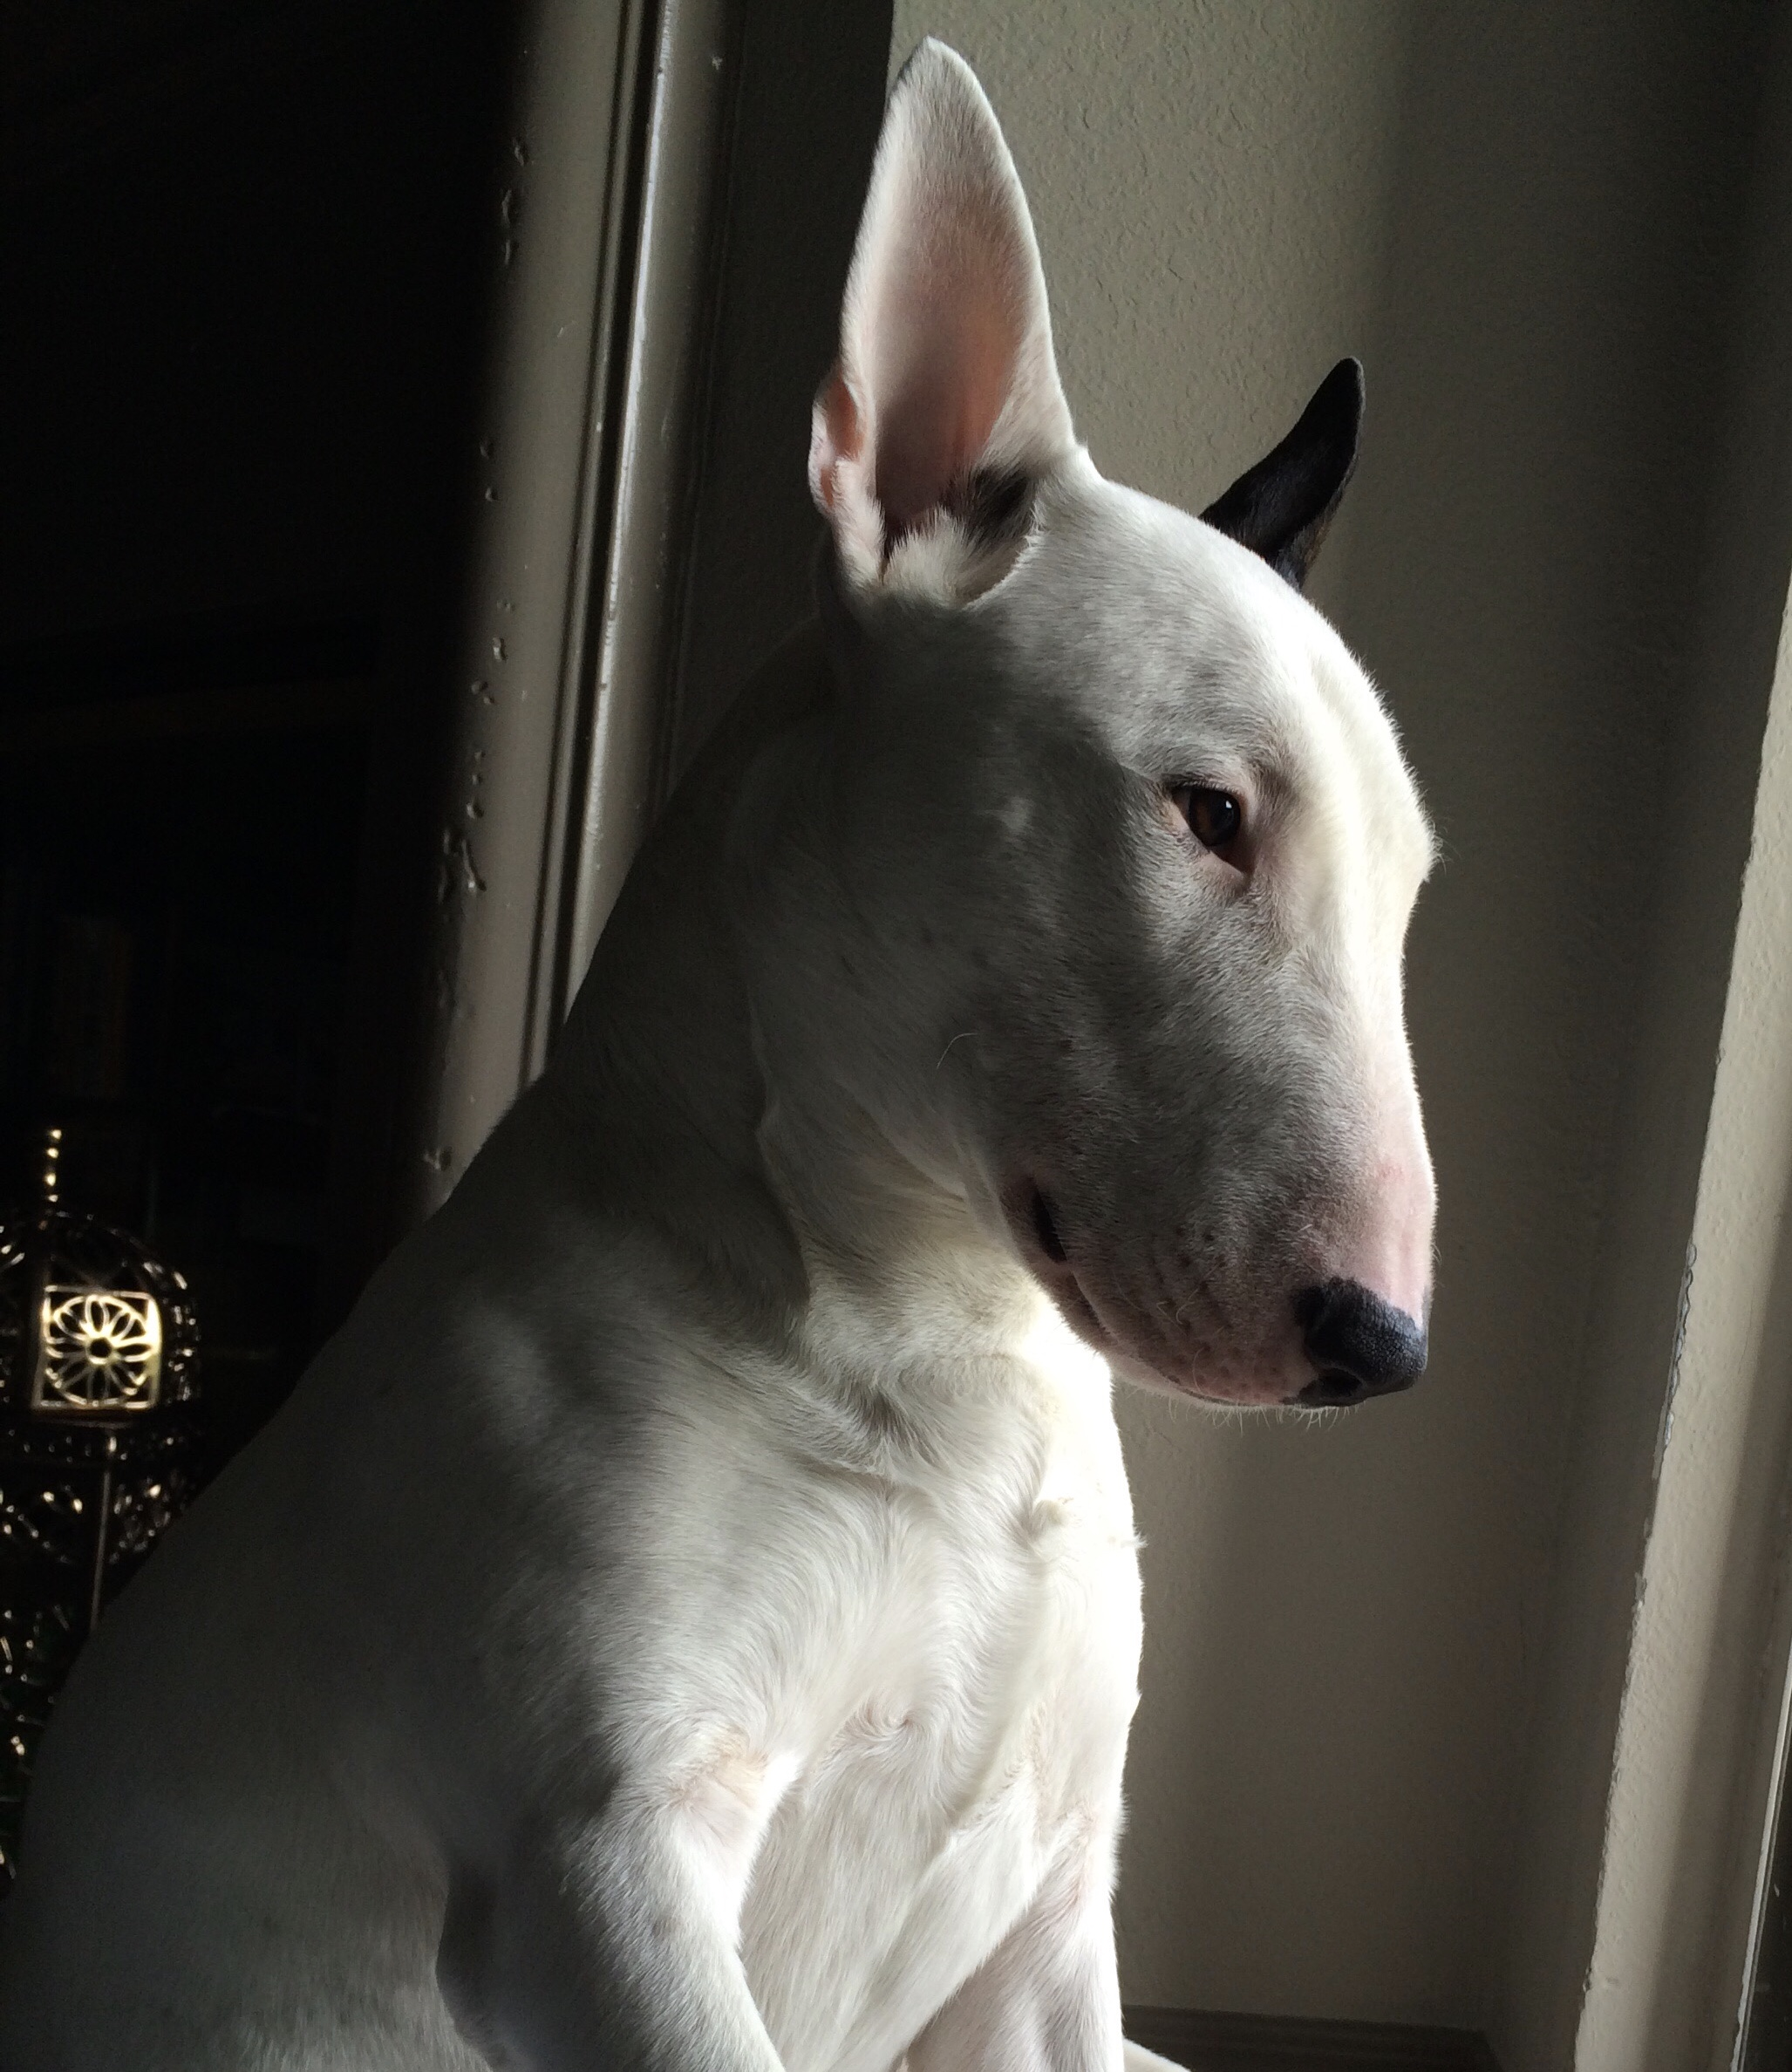 Rolex White Bull Terrier